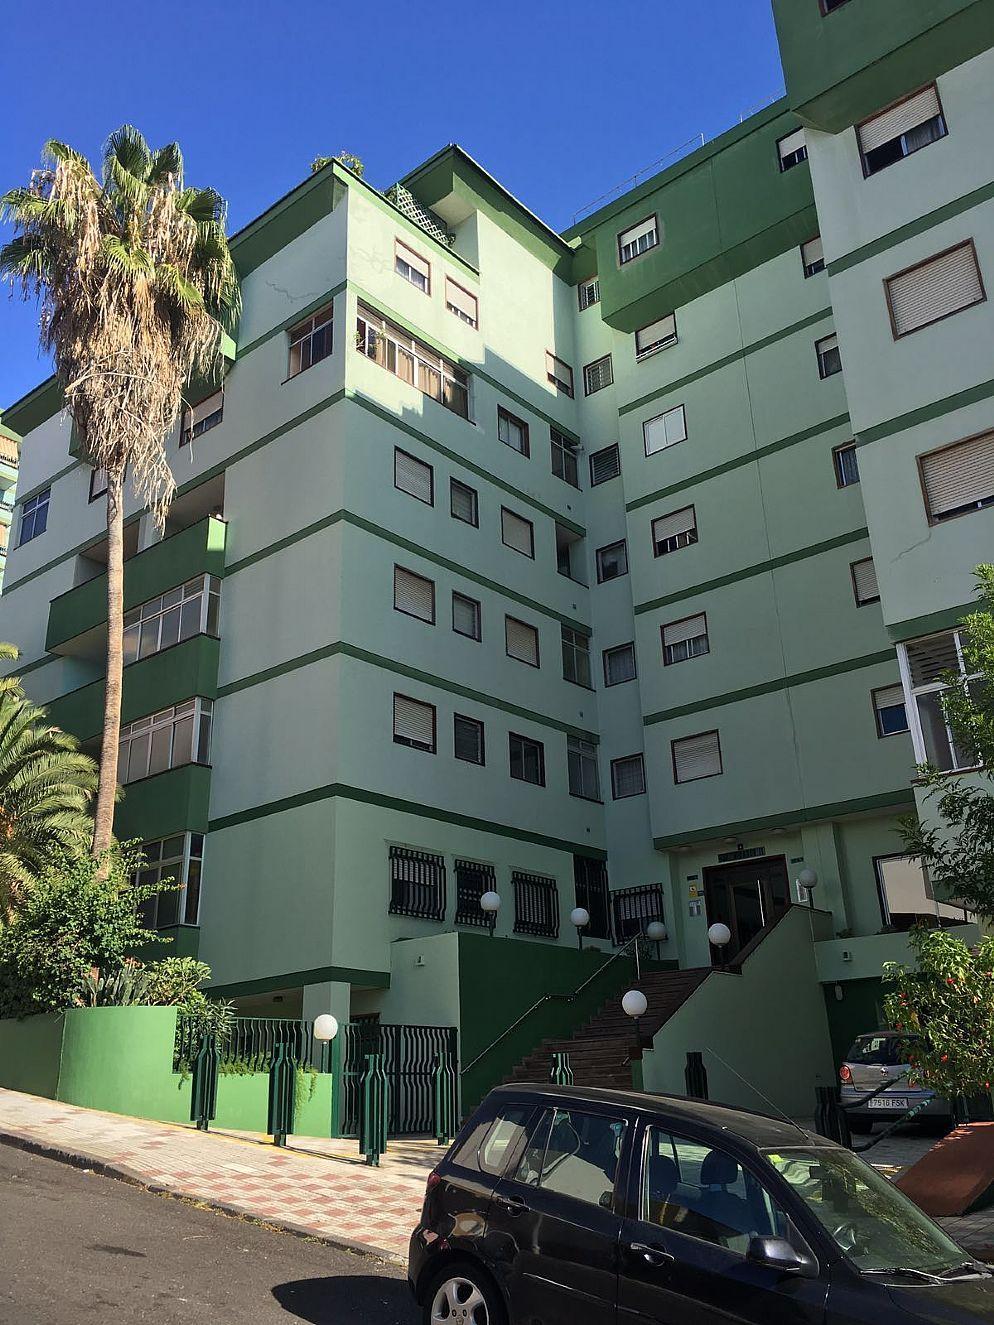 Commercial property in Santa Cruz de Tenerife, Cruz del Señor, for sale